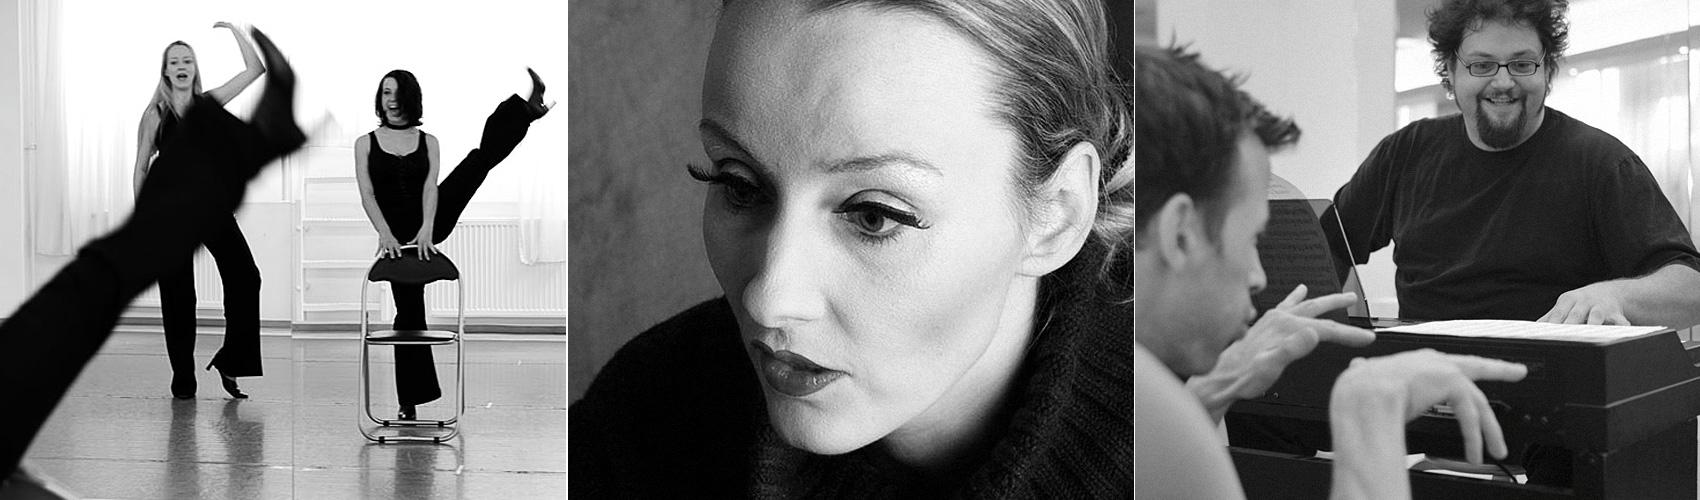 Stimmcoach, Gesangsunterricht und Bühnenpräsenz - Anja Hackl